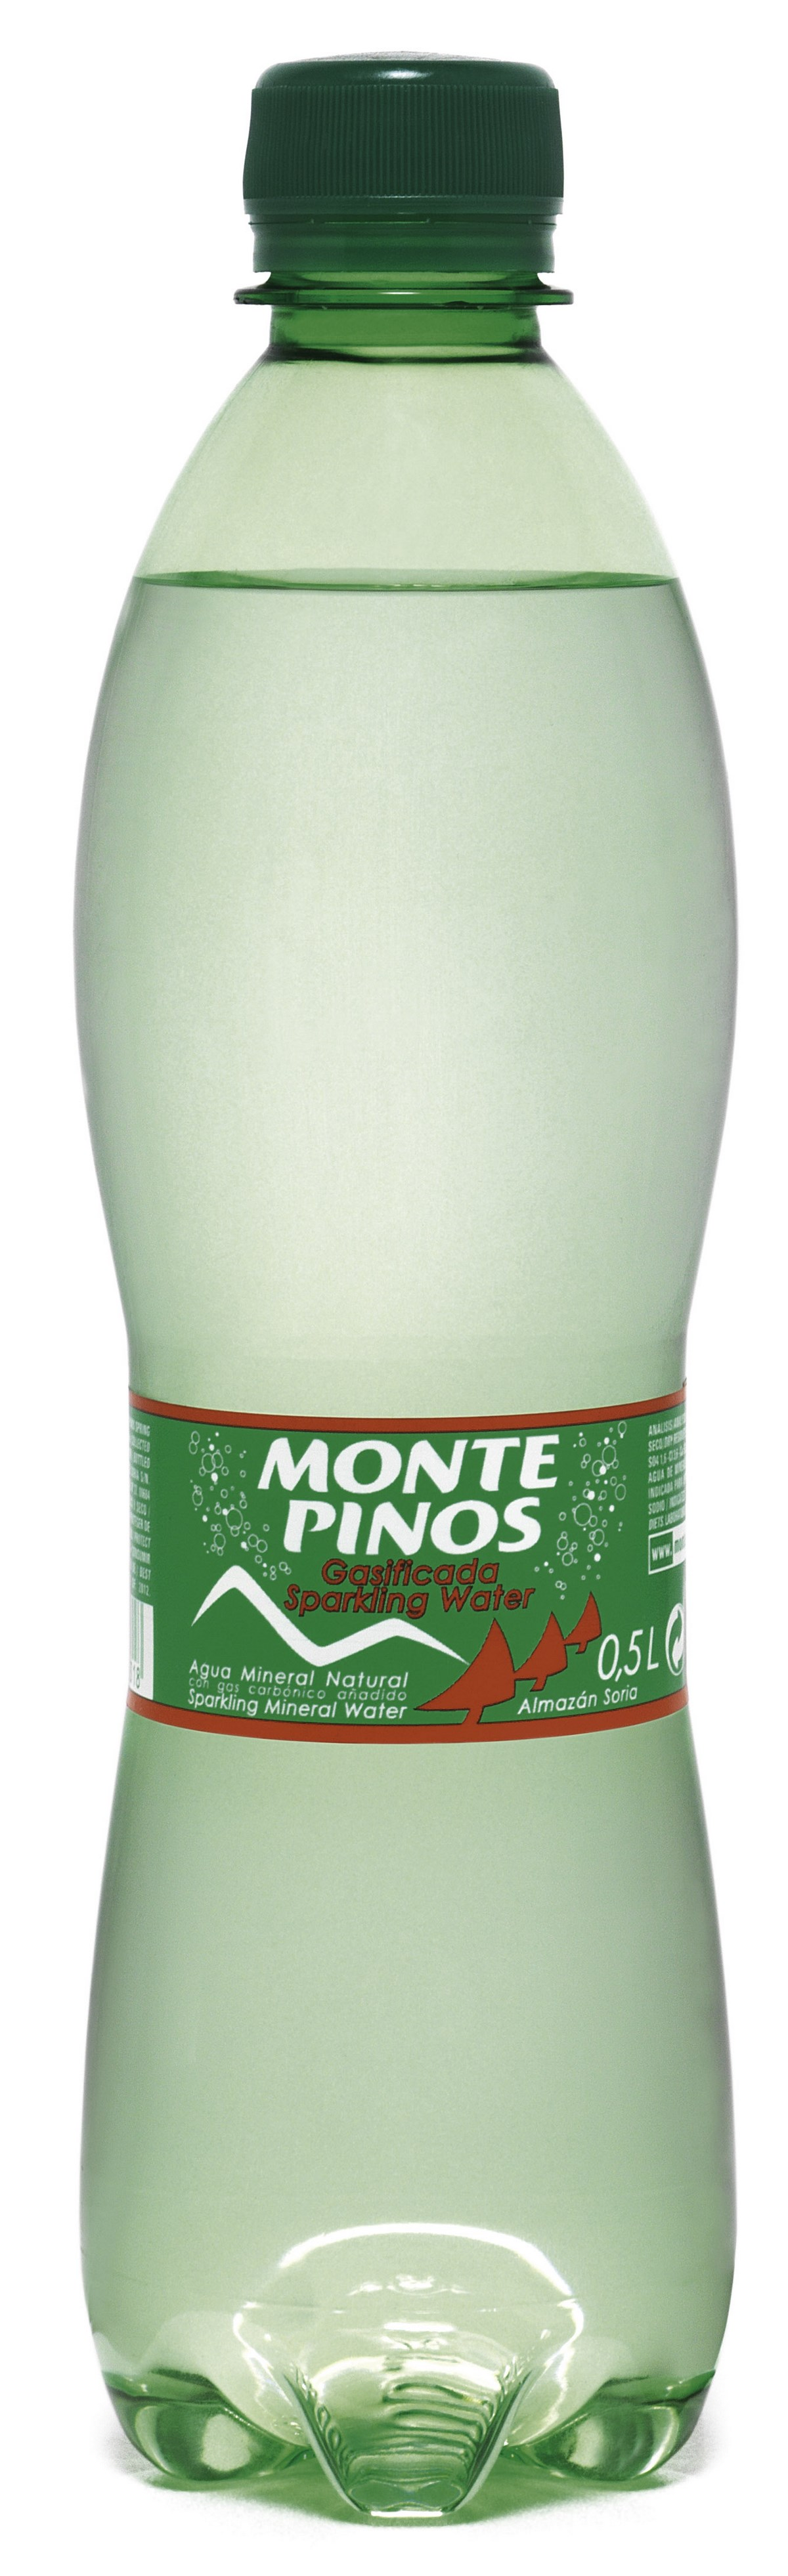 БЕЗ БРЭНДА Вода природная газированная минеральная Monte Pinos 0.5 л. недорого